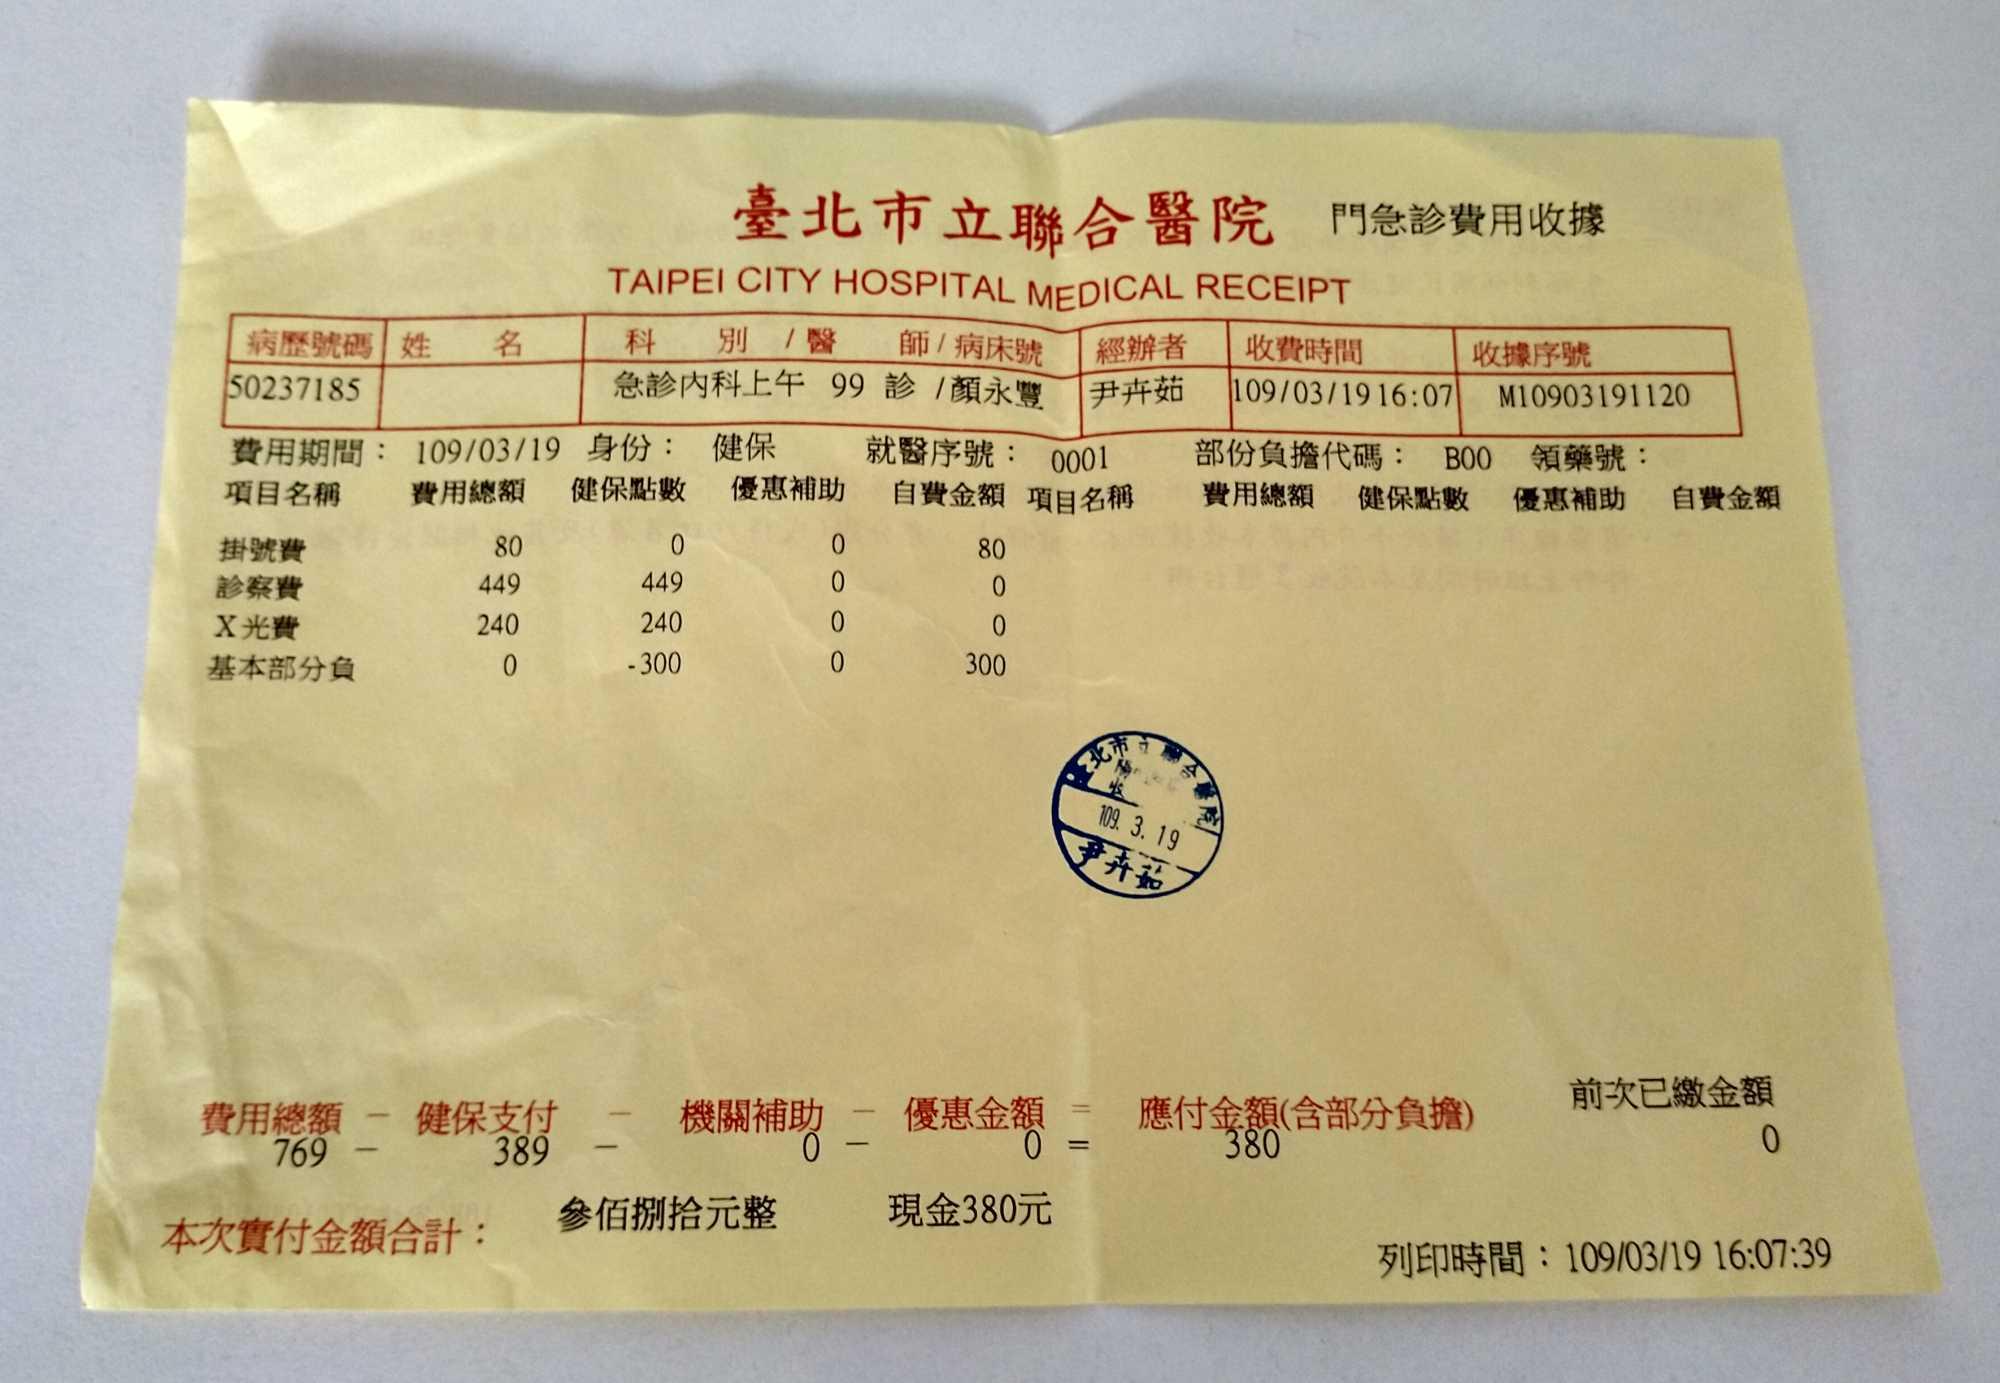 Corona-Tests inklusive Abstrich und Röntgen der Lunge sind für taiwanische Bürger*innen weitgehend kostenlos. Wer den Test verweigert, muss hohe Strafen bezahlen.